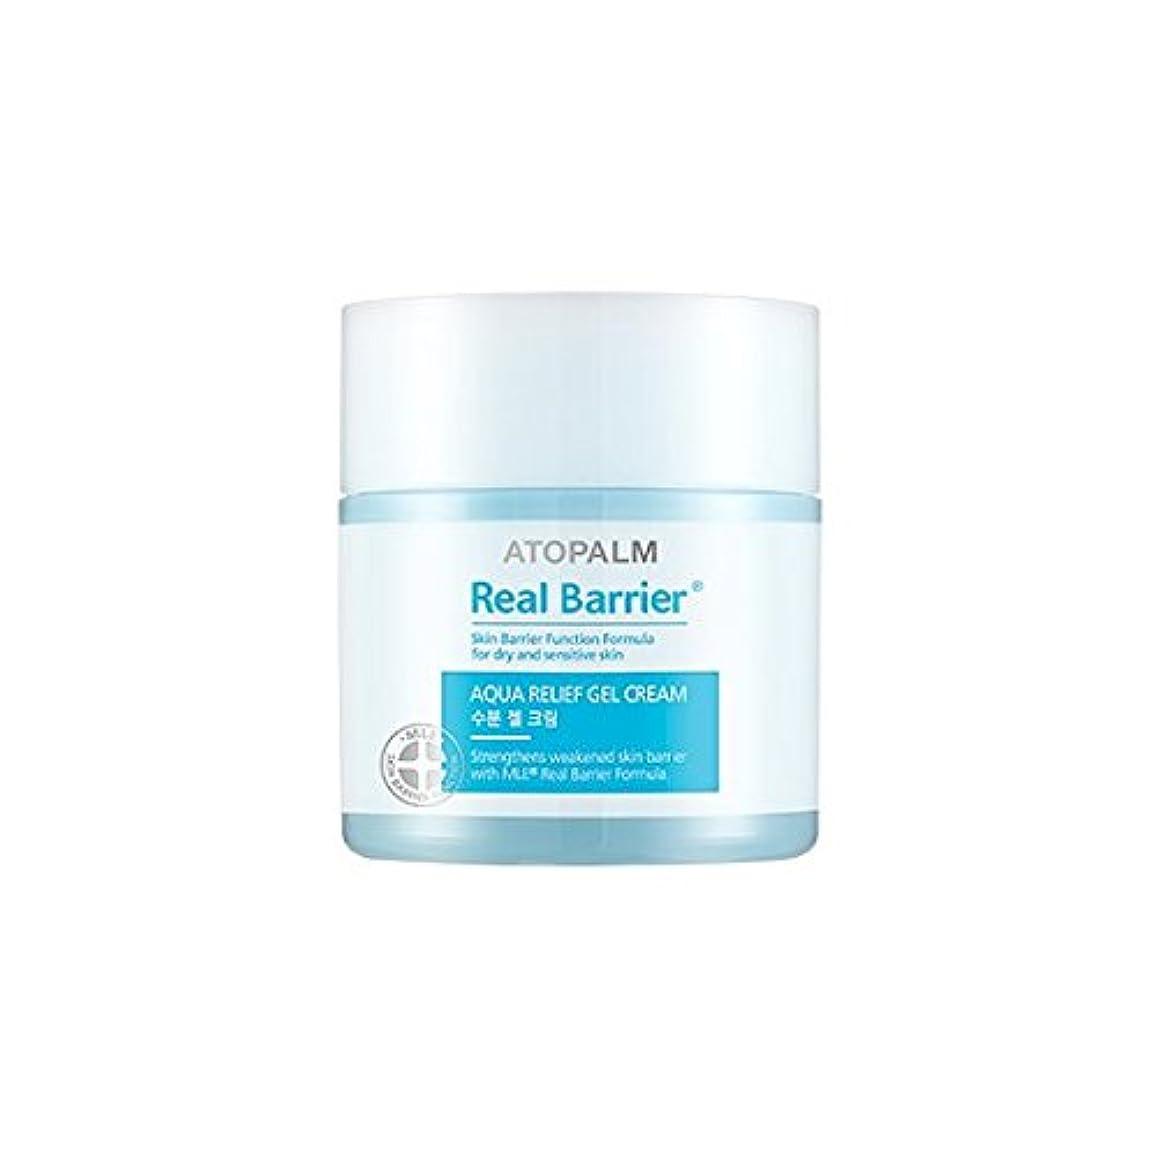 航空会社愛するケーキATOPALM Real Barrier Aqua Relief Gel Cream 50ml/アトパーム リアル バリア アクア リリーフ ジェル クリーム 50ml [並行輸入品]